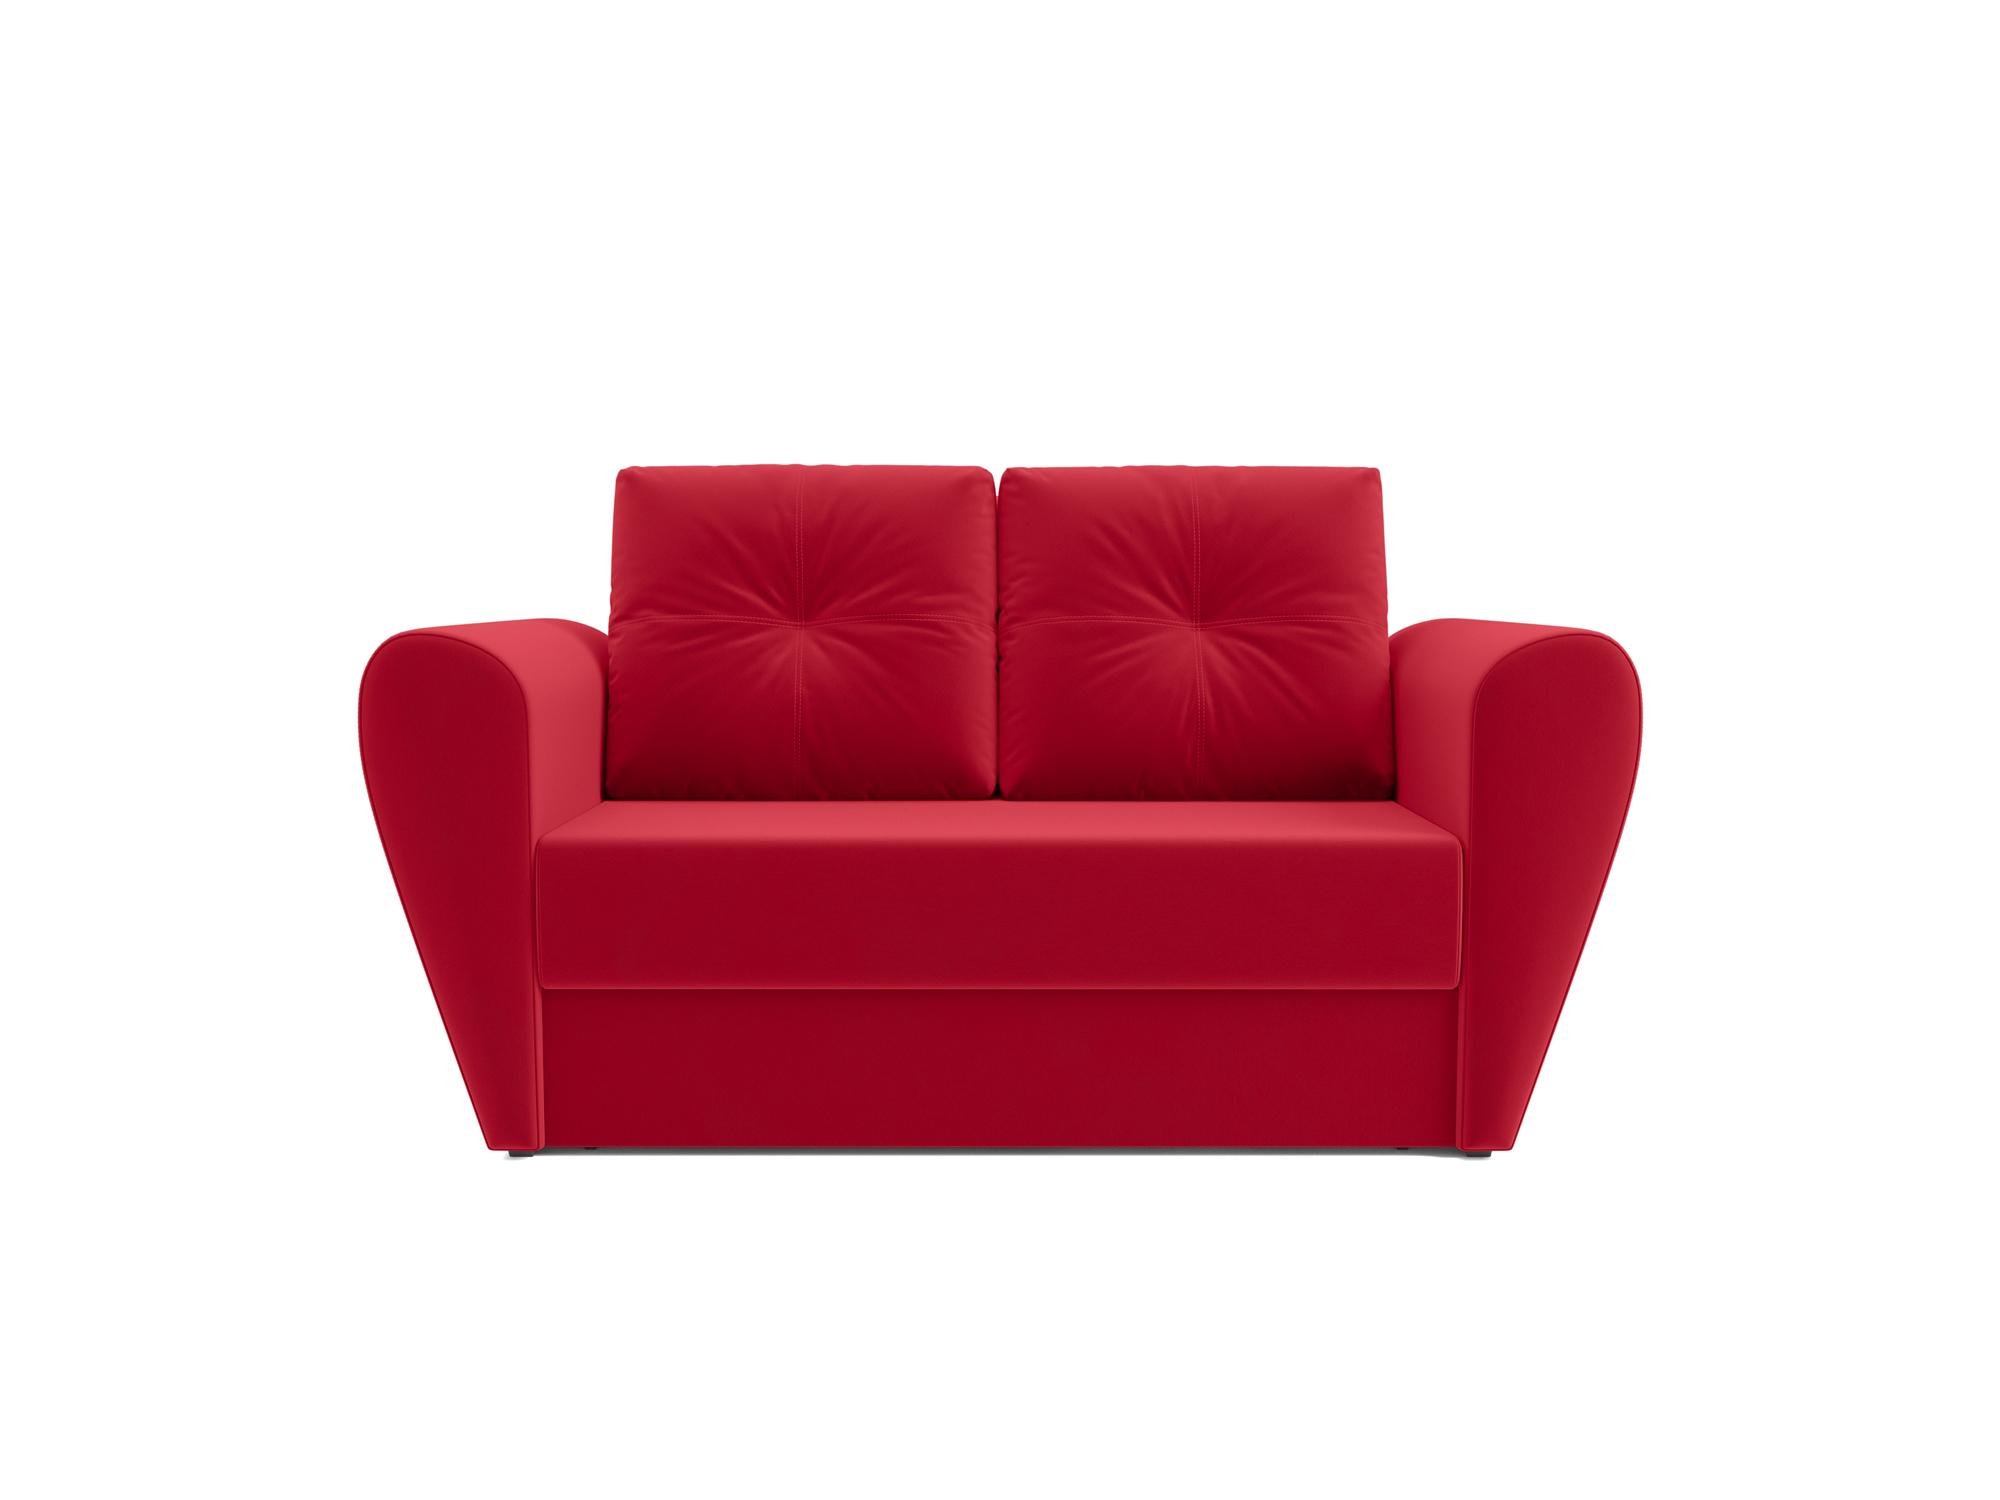 Фото - Диван Квартет MebelVia Красный, Микровелюр, Брус сосны диван мальтида mebelvia красный микровелюр брус сосны